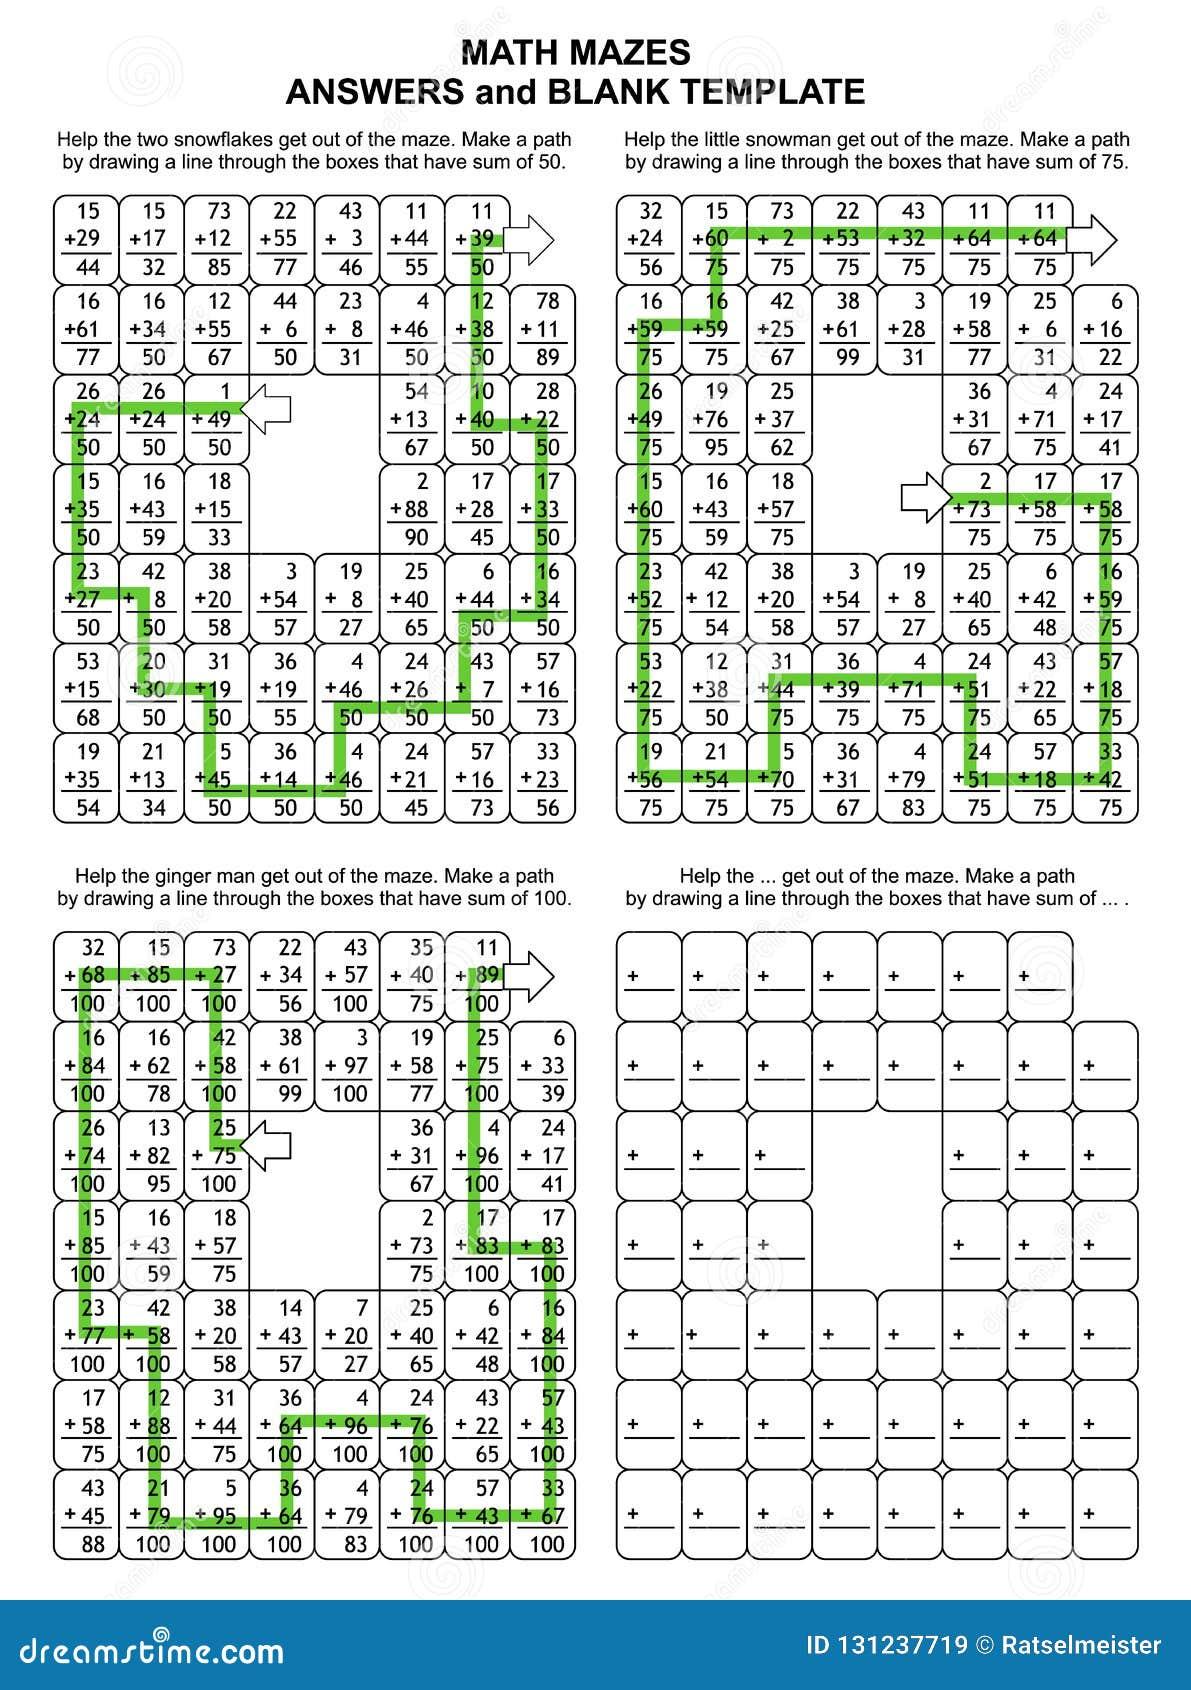 Soluciones para los 3 laberintos anteriores de la matemáticas Plantillas para los nuevos rompecabezas